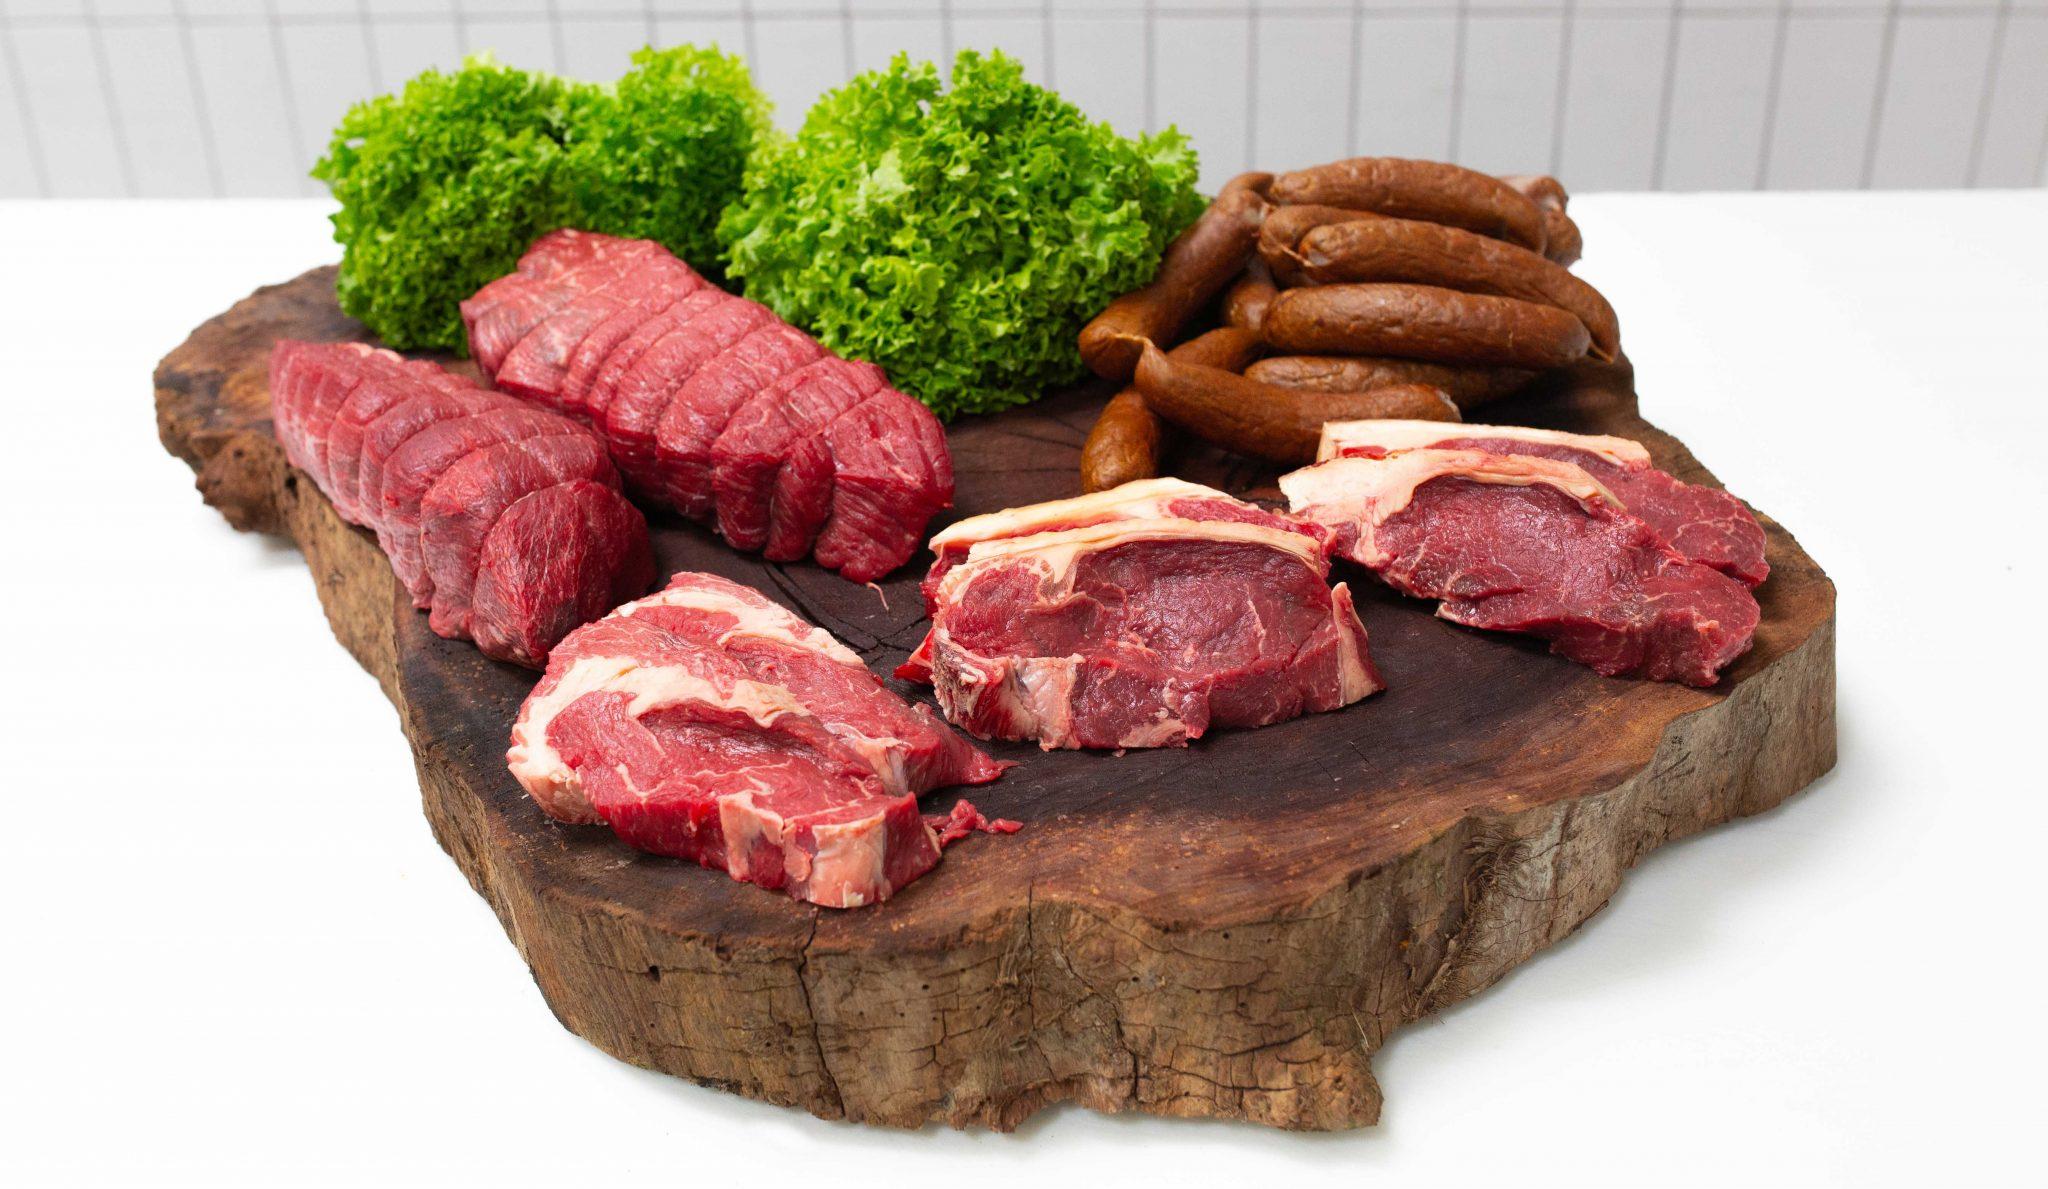 Bestil kød online København, forskelligt kød anrettet på et træ bræt